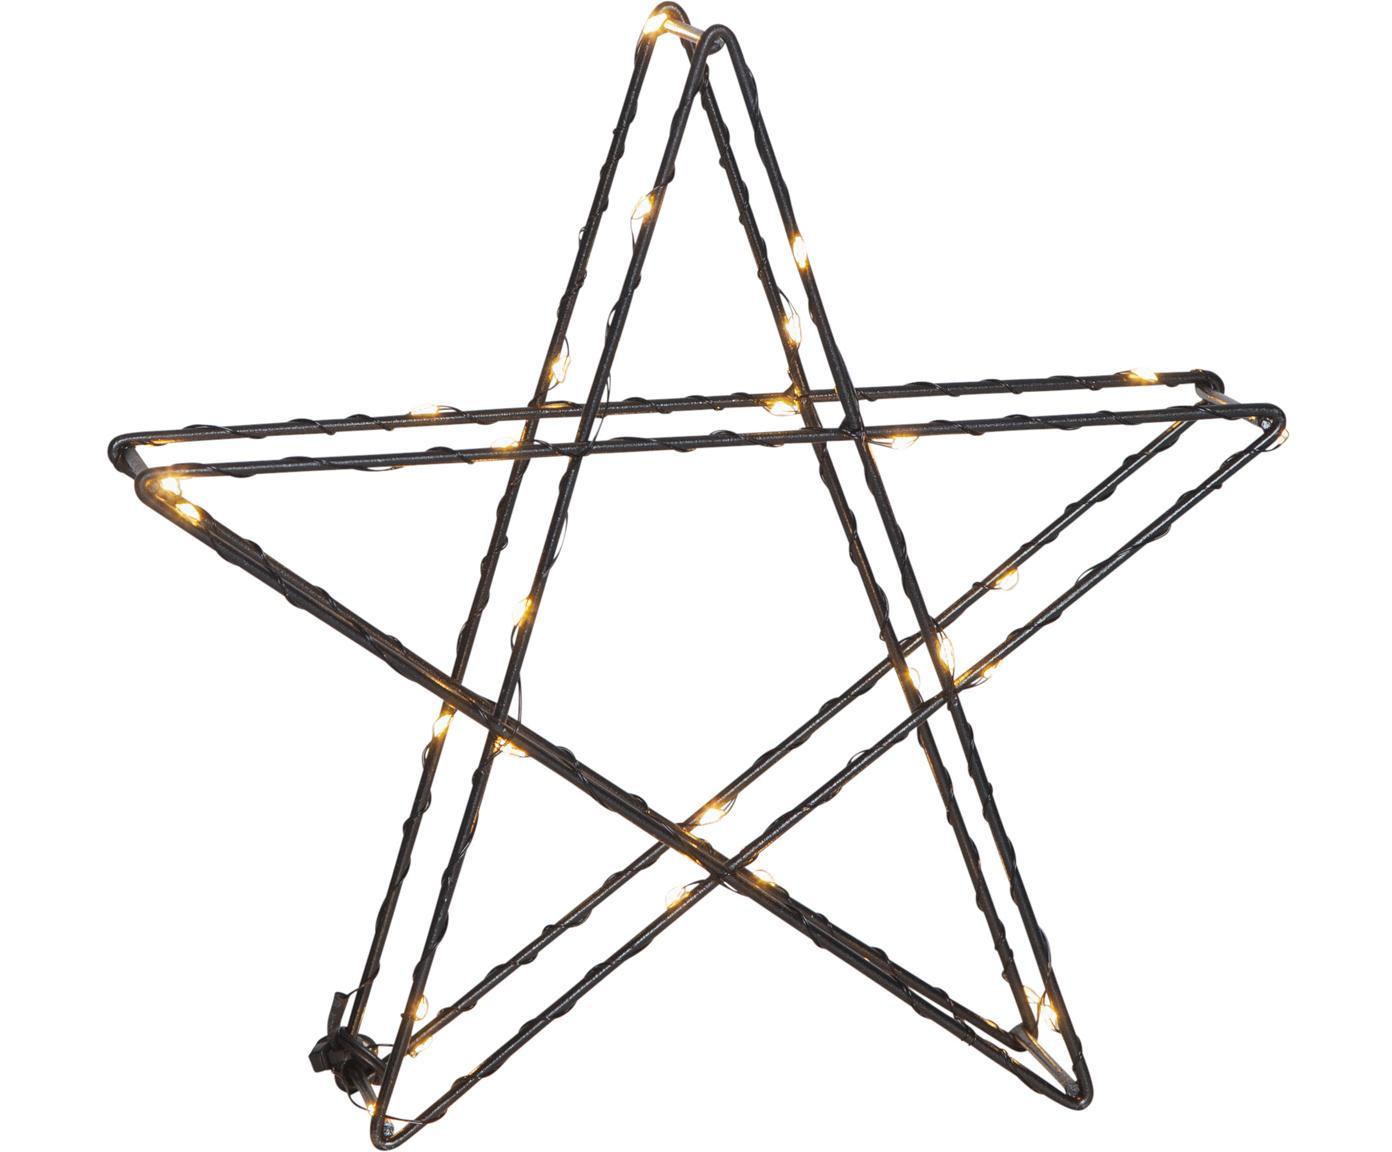 Dekoracja świetlna LED na baterie Stern, Czarny, S 25 x W 25 cm